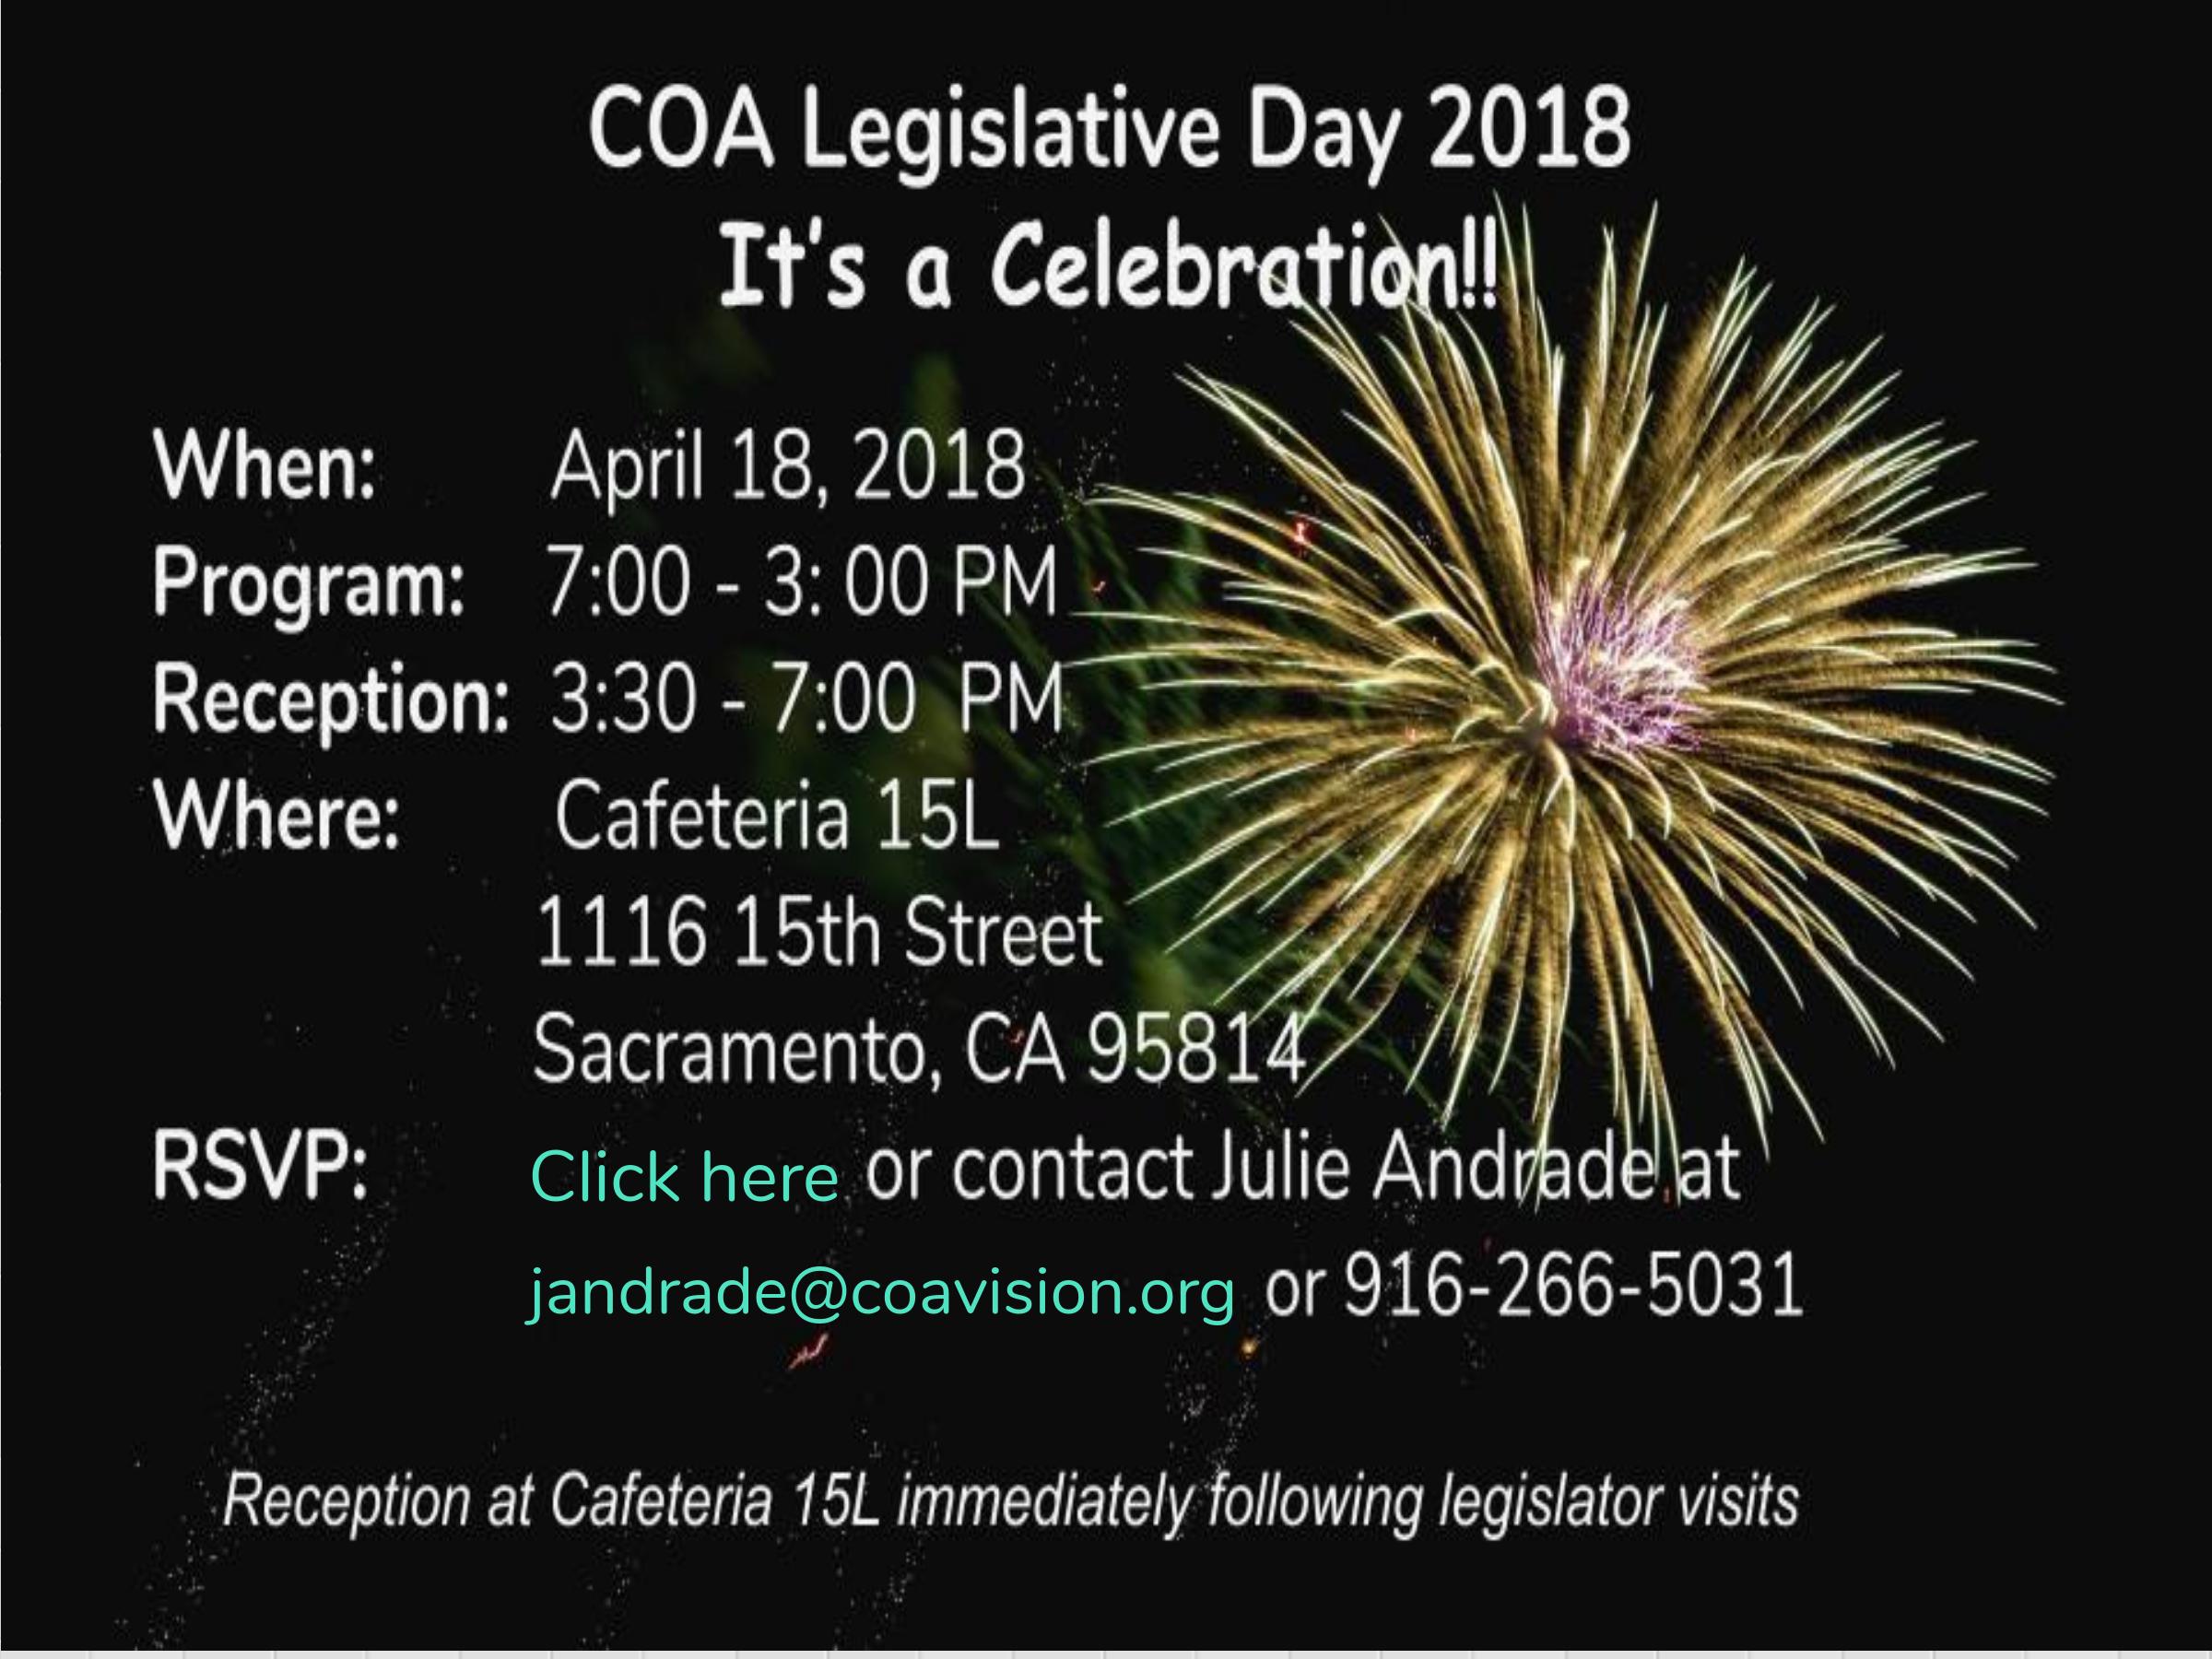 Register today for COA Legislative Day 2018!